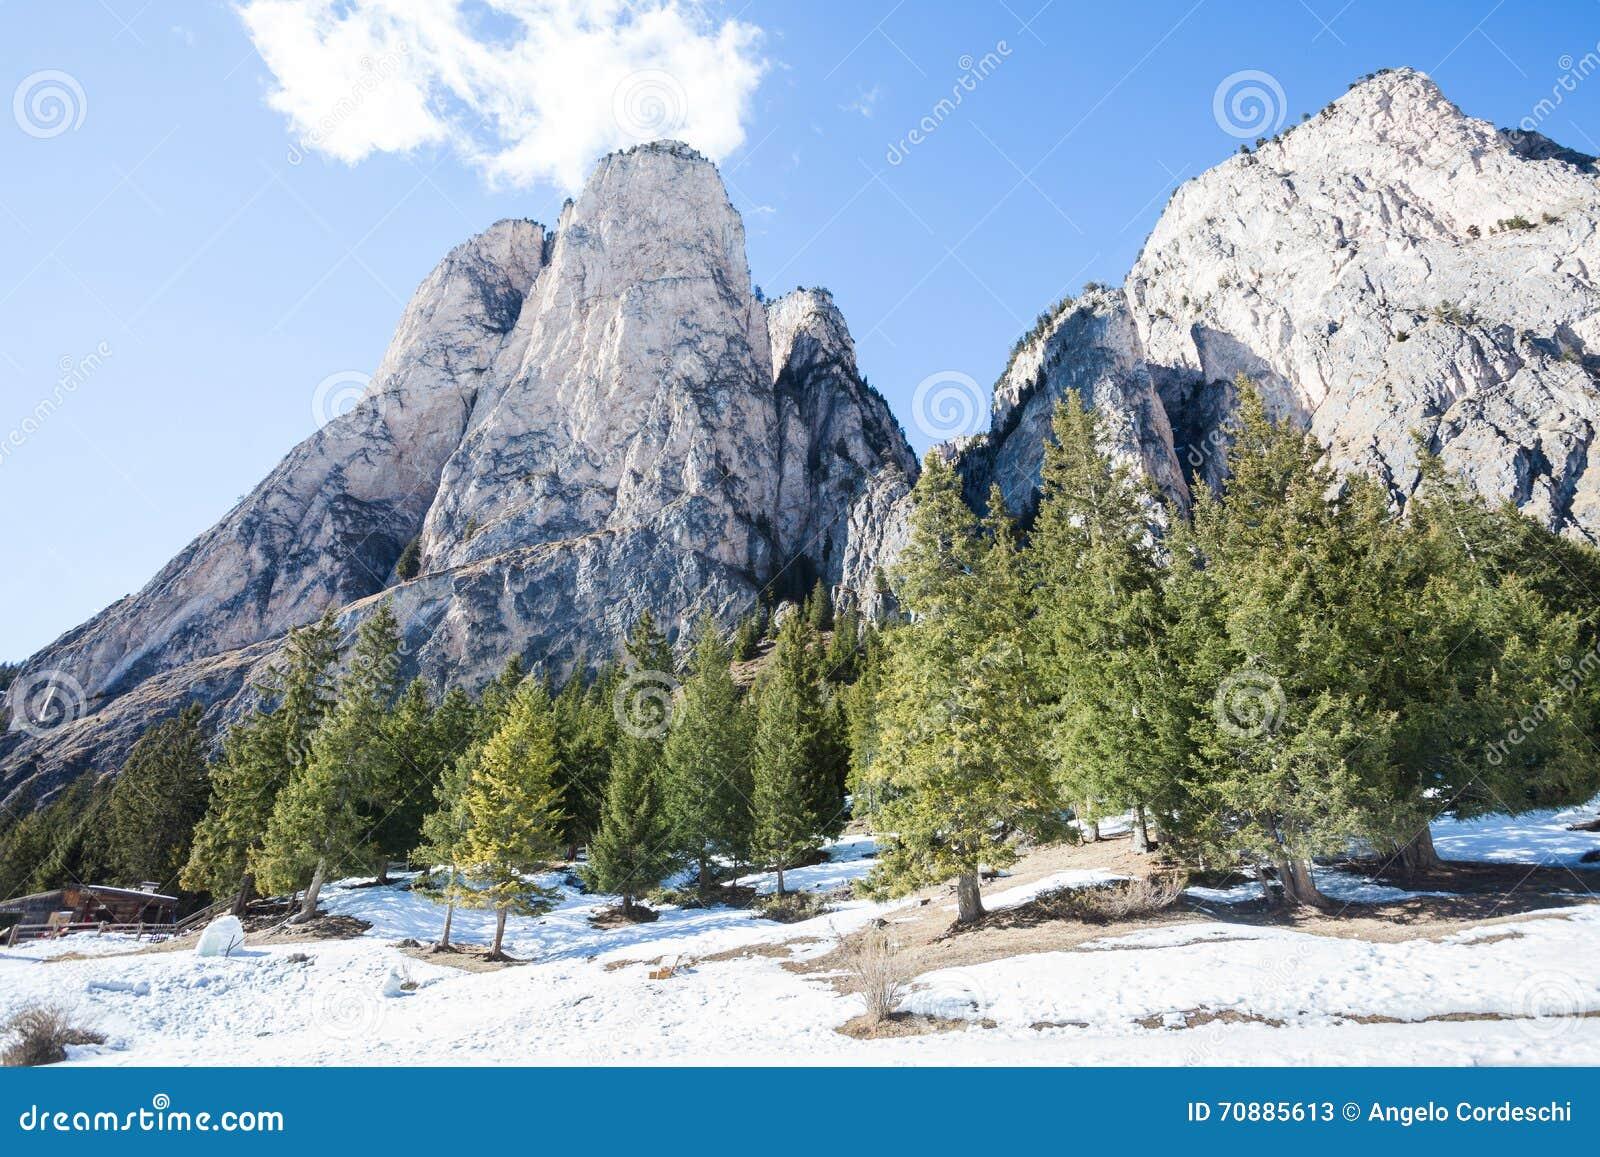 Paysage Rocheux De Montagne Avec La Forêt Et La Neige En Bois De Sapin Ortisei, Italie Image